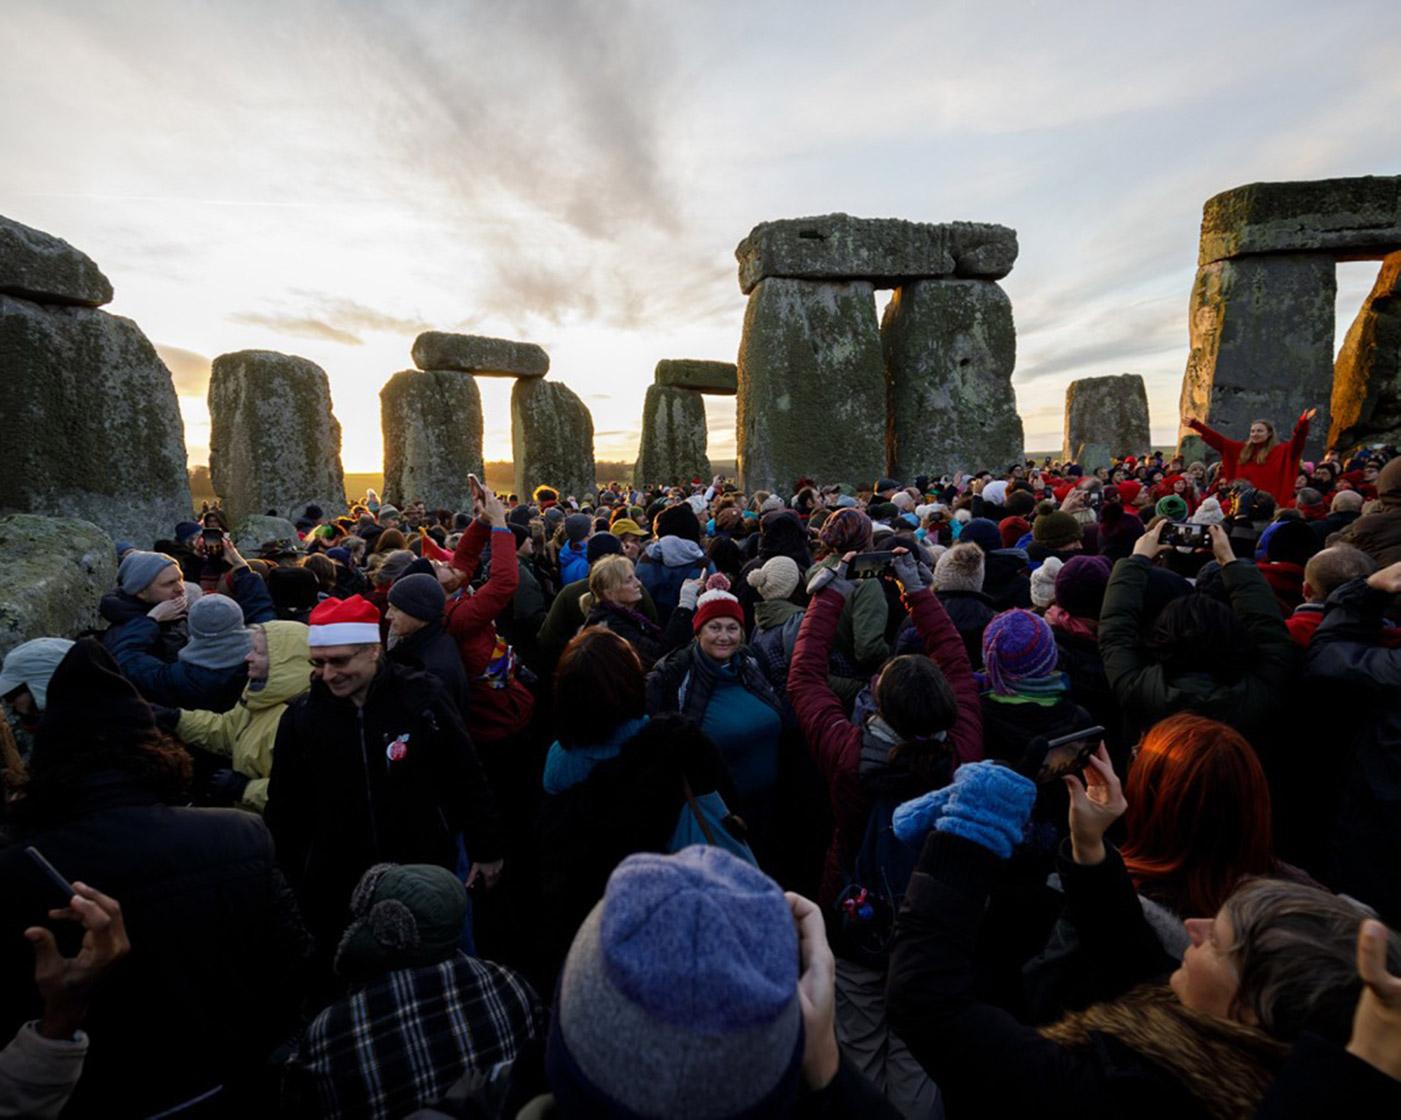 巨石陣每年最熱鬧就是夏至和冬至(Solstice)了